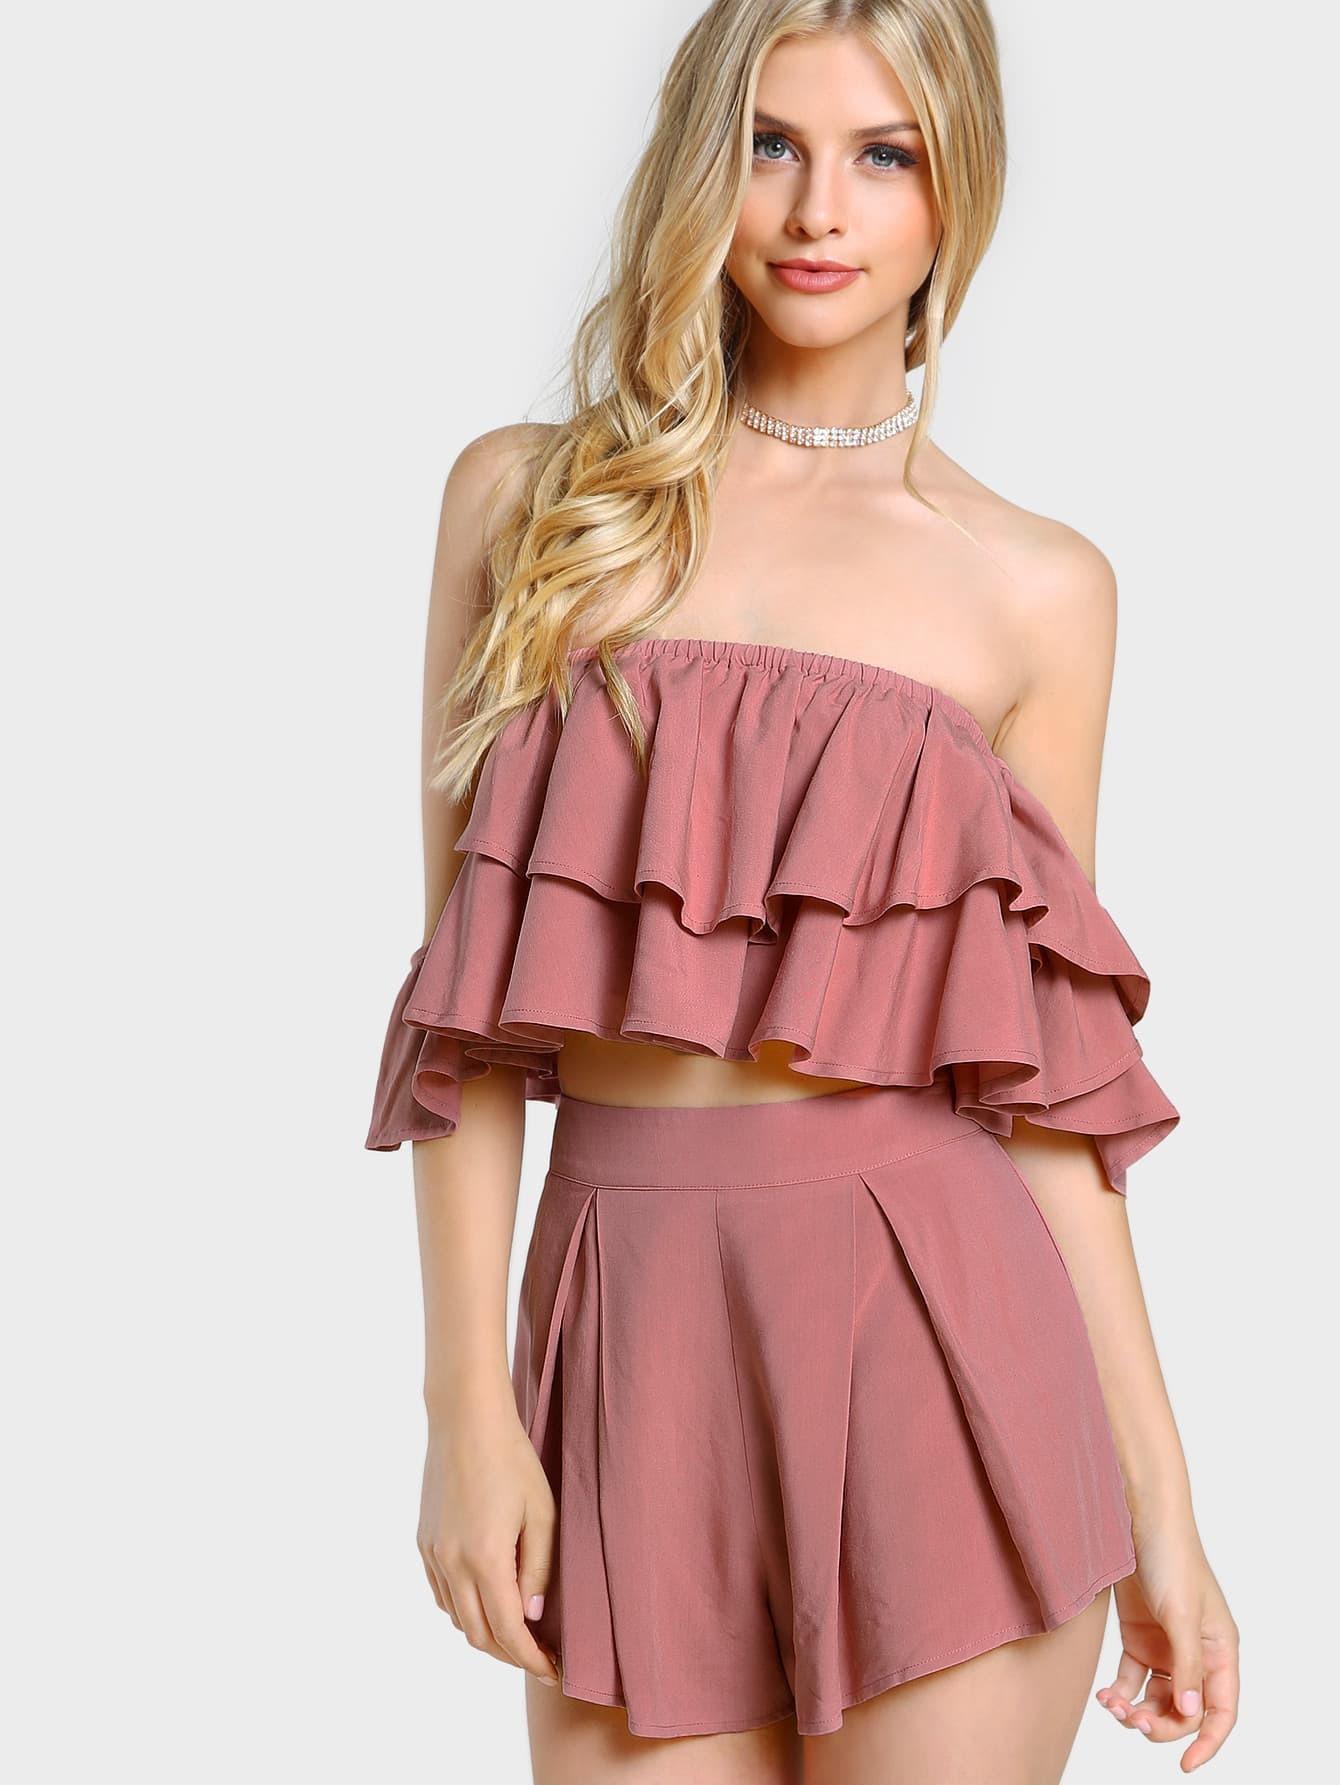 Layered Flounce Bardot Top And Shorts Co-Ord